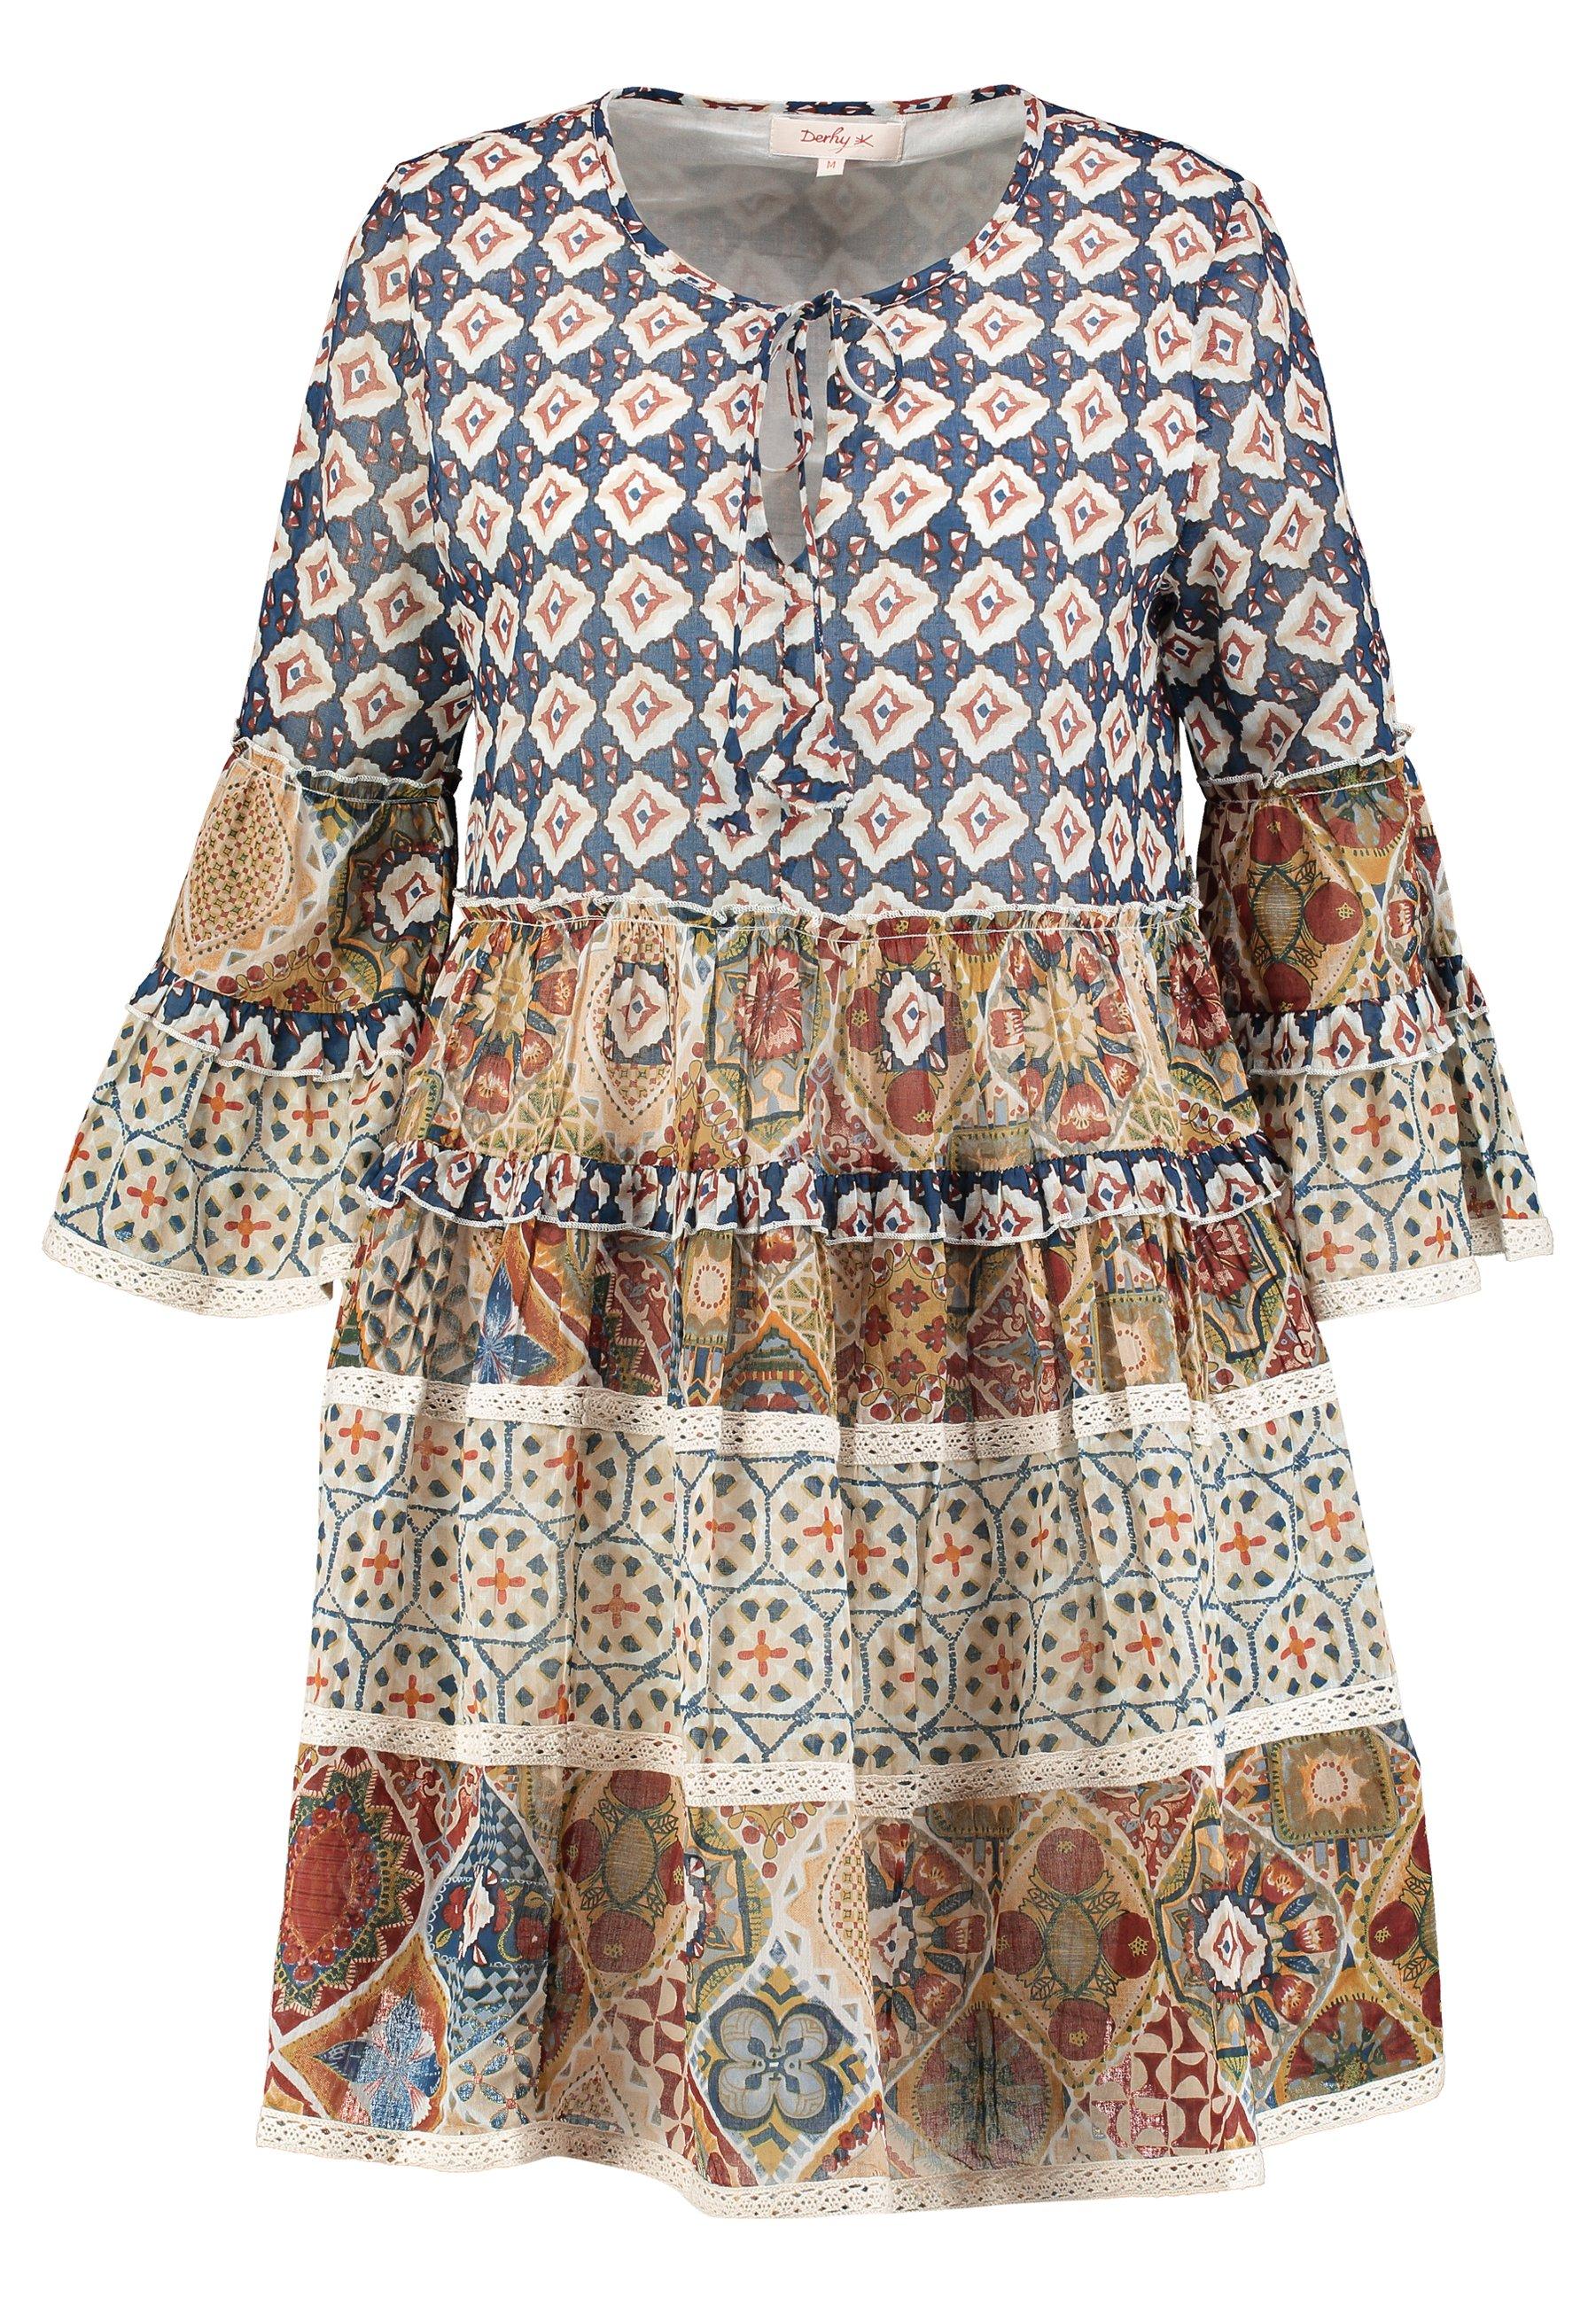 Derhy Cabolleto Robe - Vardagsklänning Beige